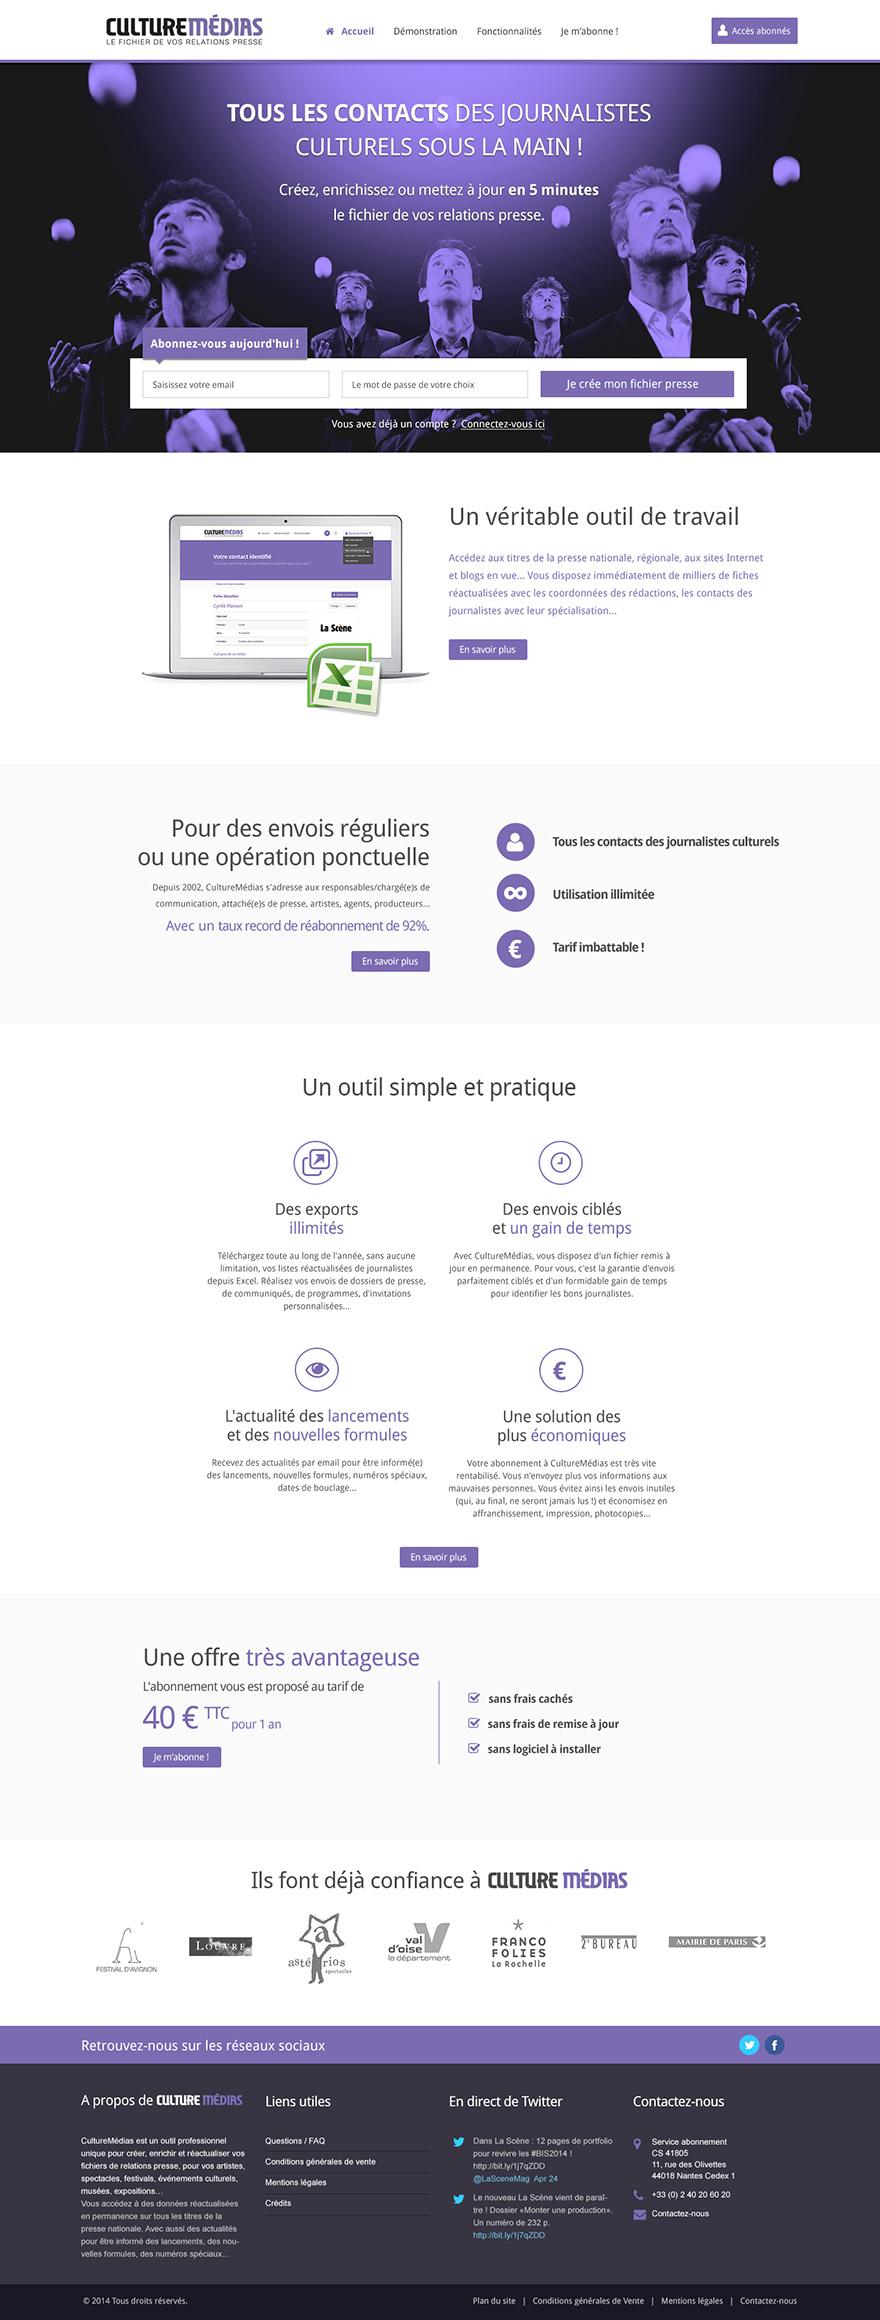 Culture Médias : annuaire de contacts journalistes en ligne